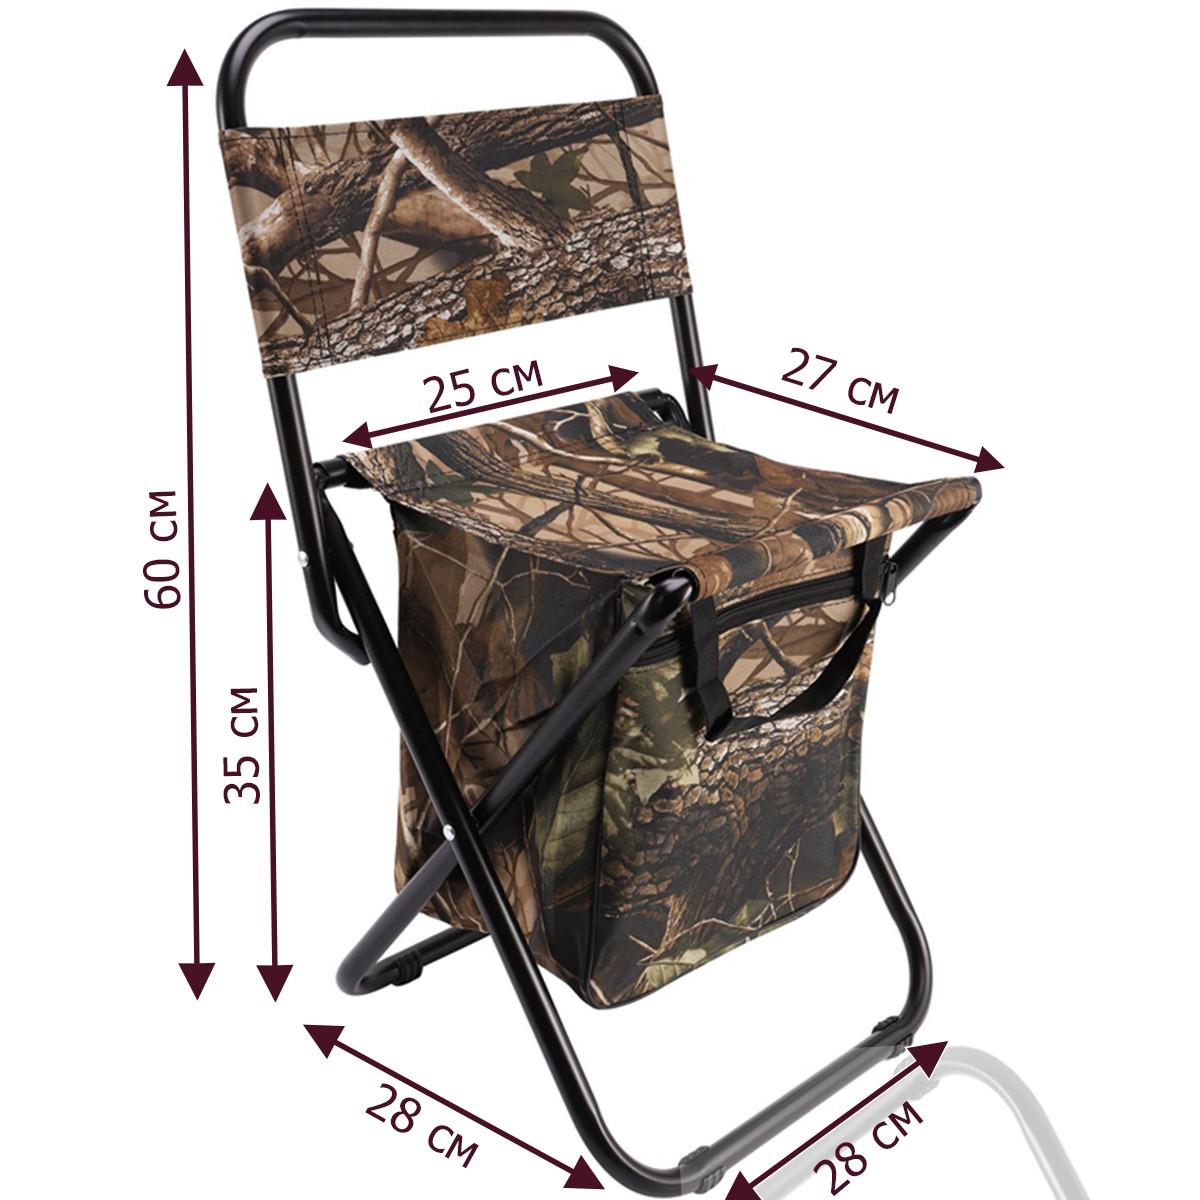 Раскладной стул для пикников и рыбалок камуфляжный - фото 2